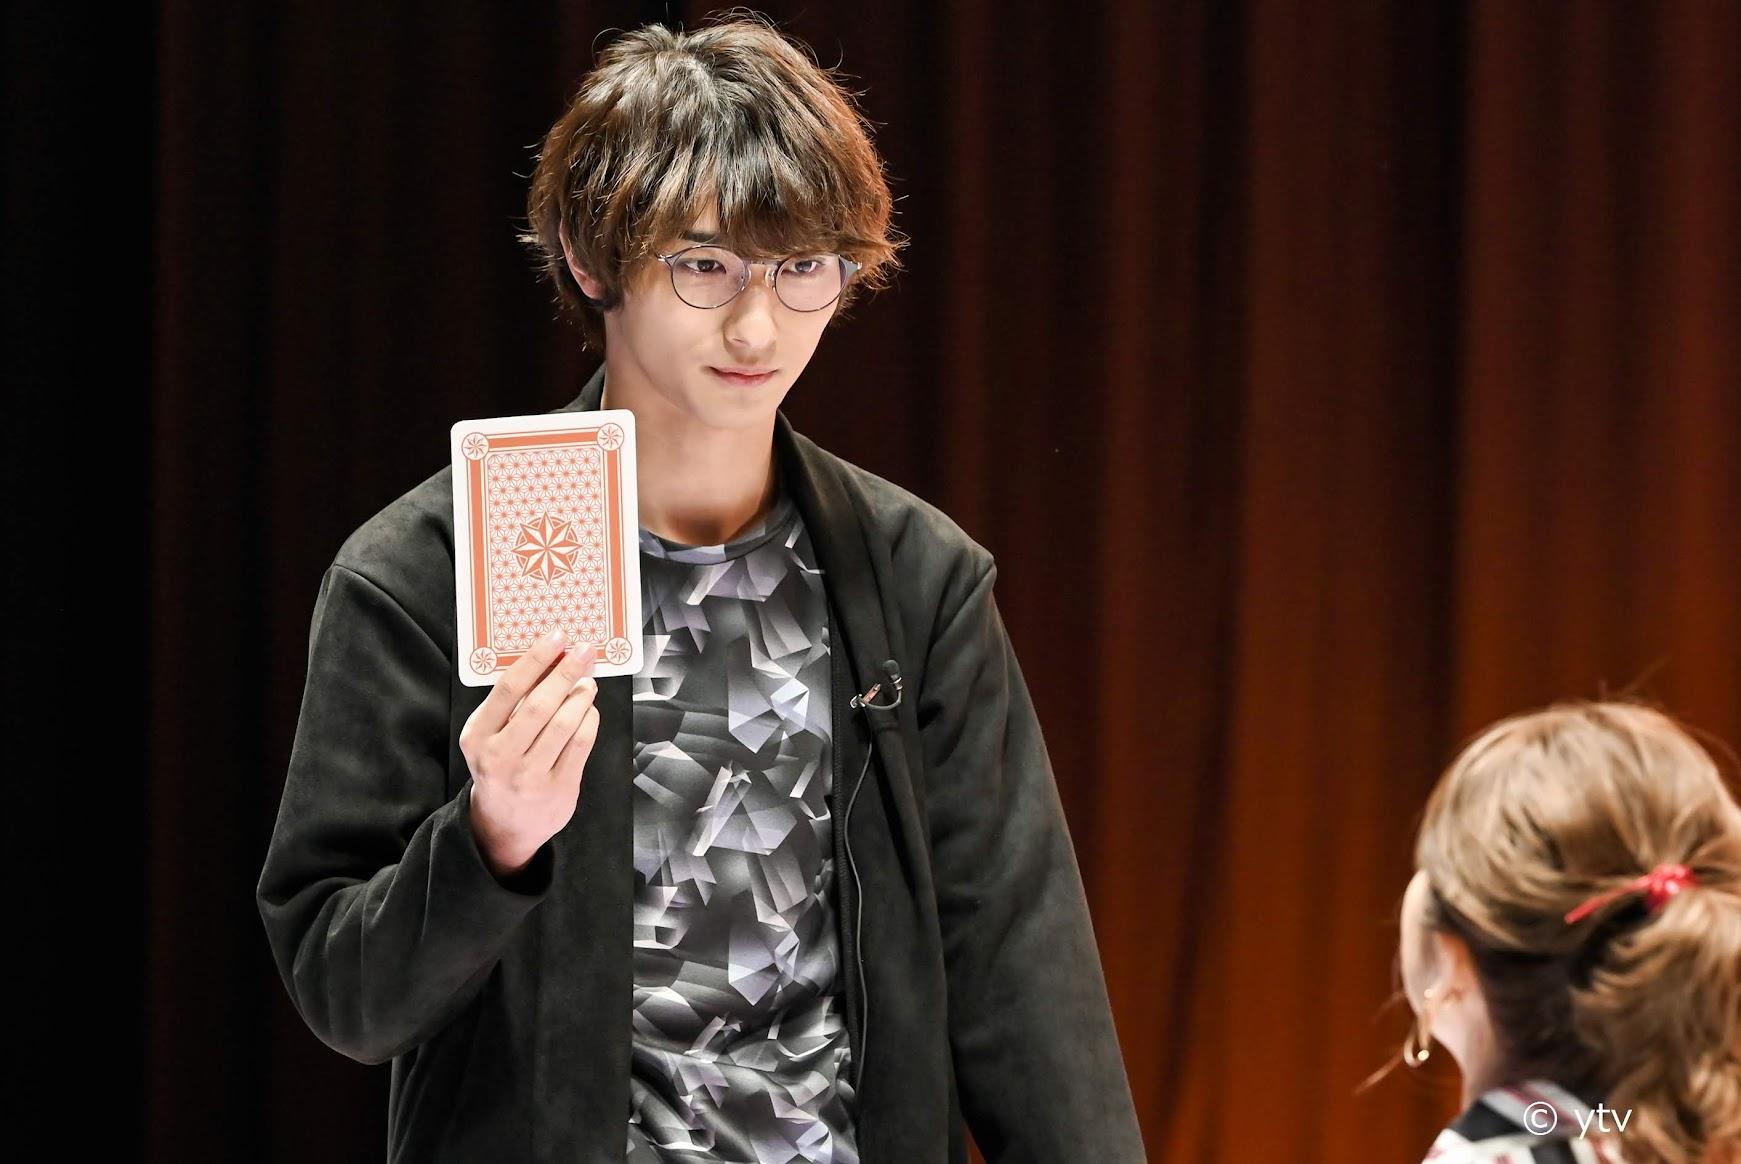 橫濱流星 連演九個月 粉絲淚喊再來看不到他怎麼辦